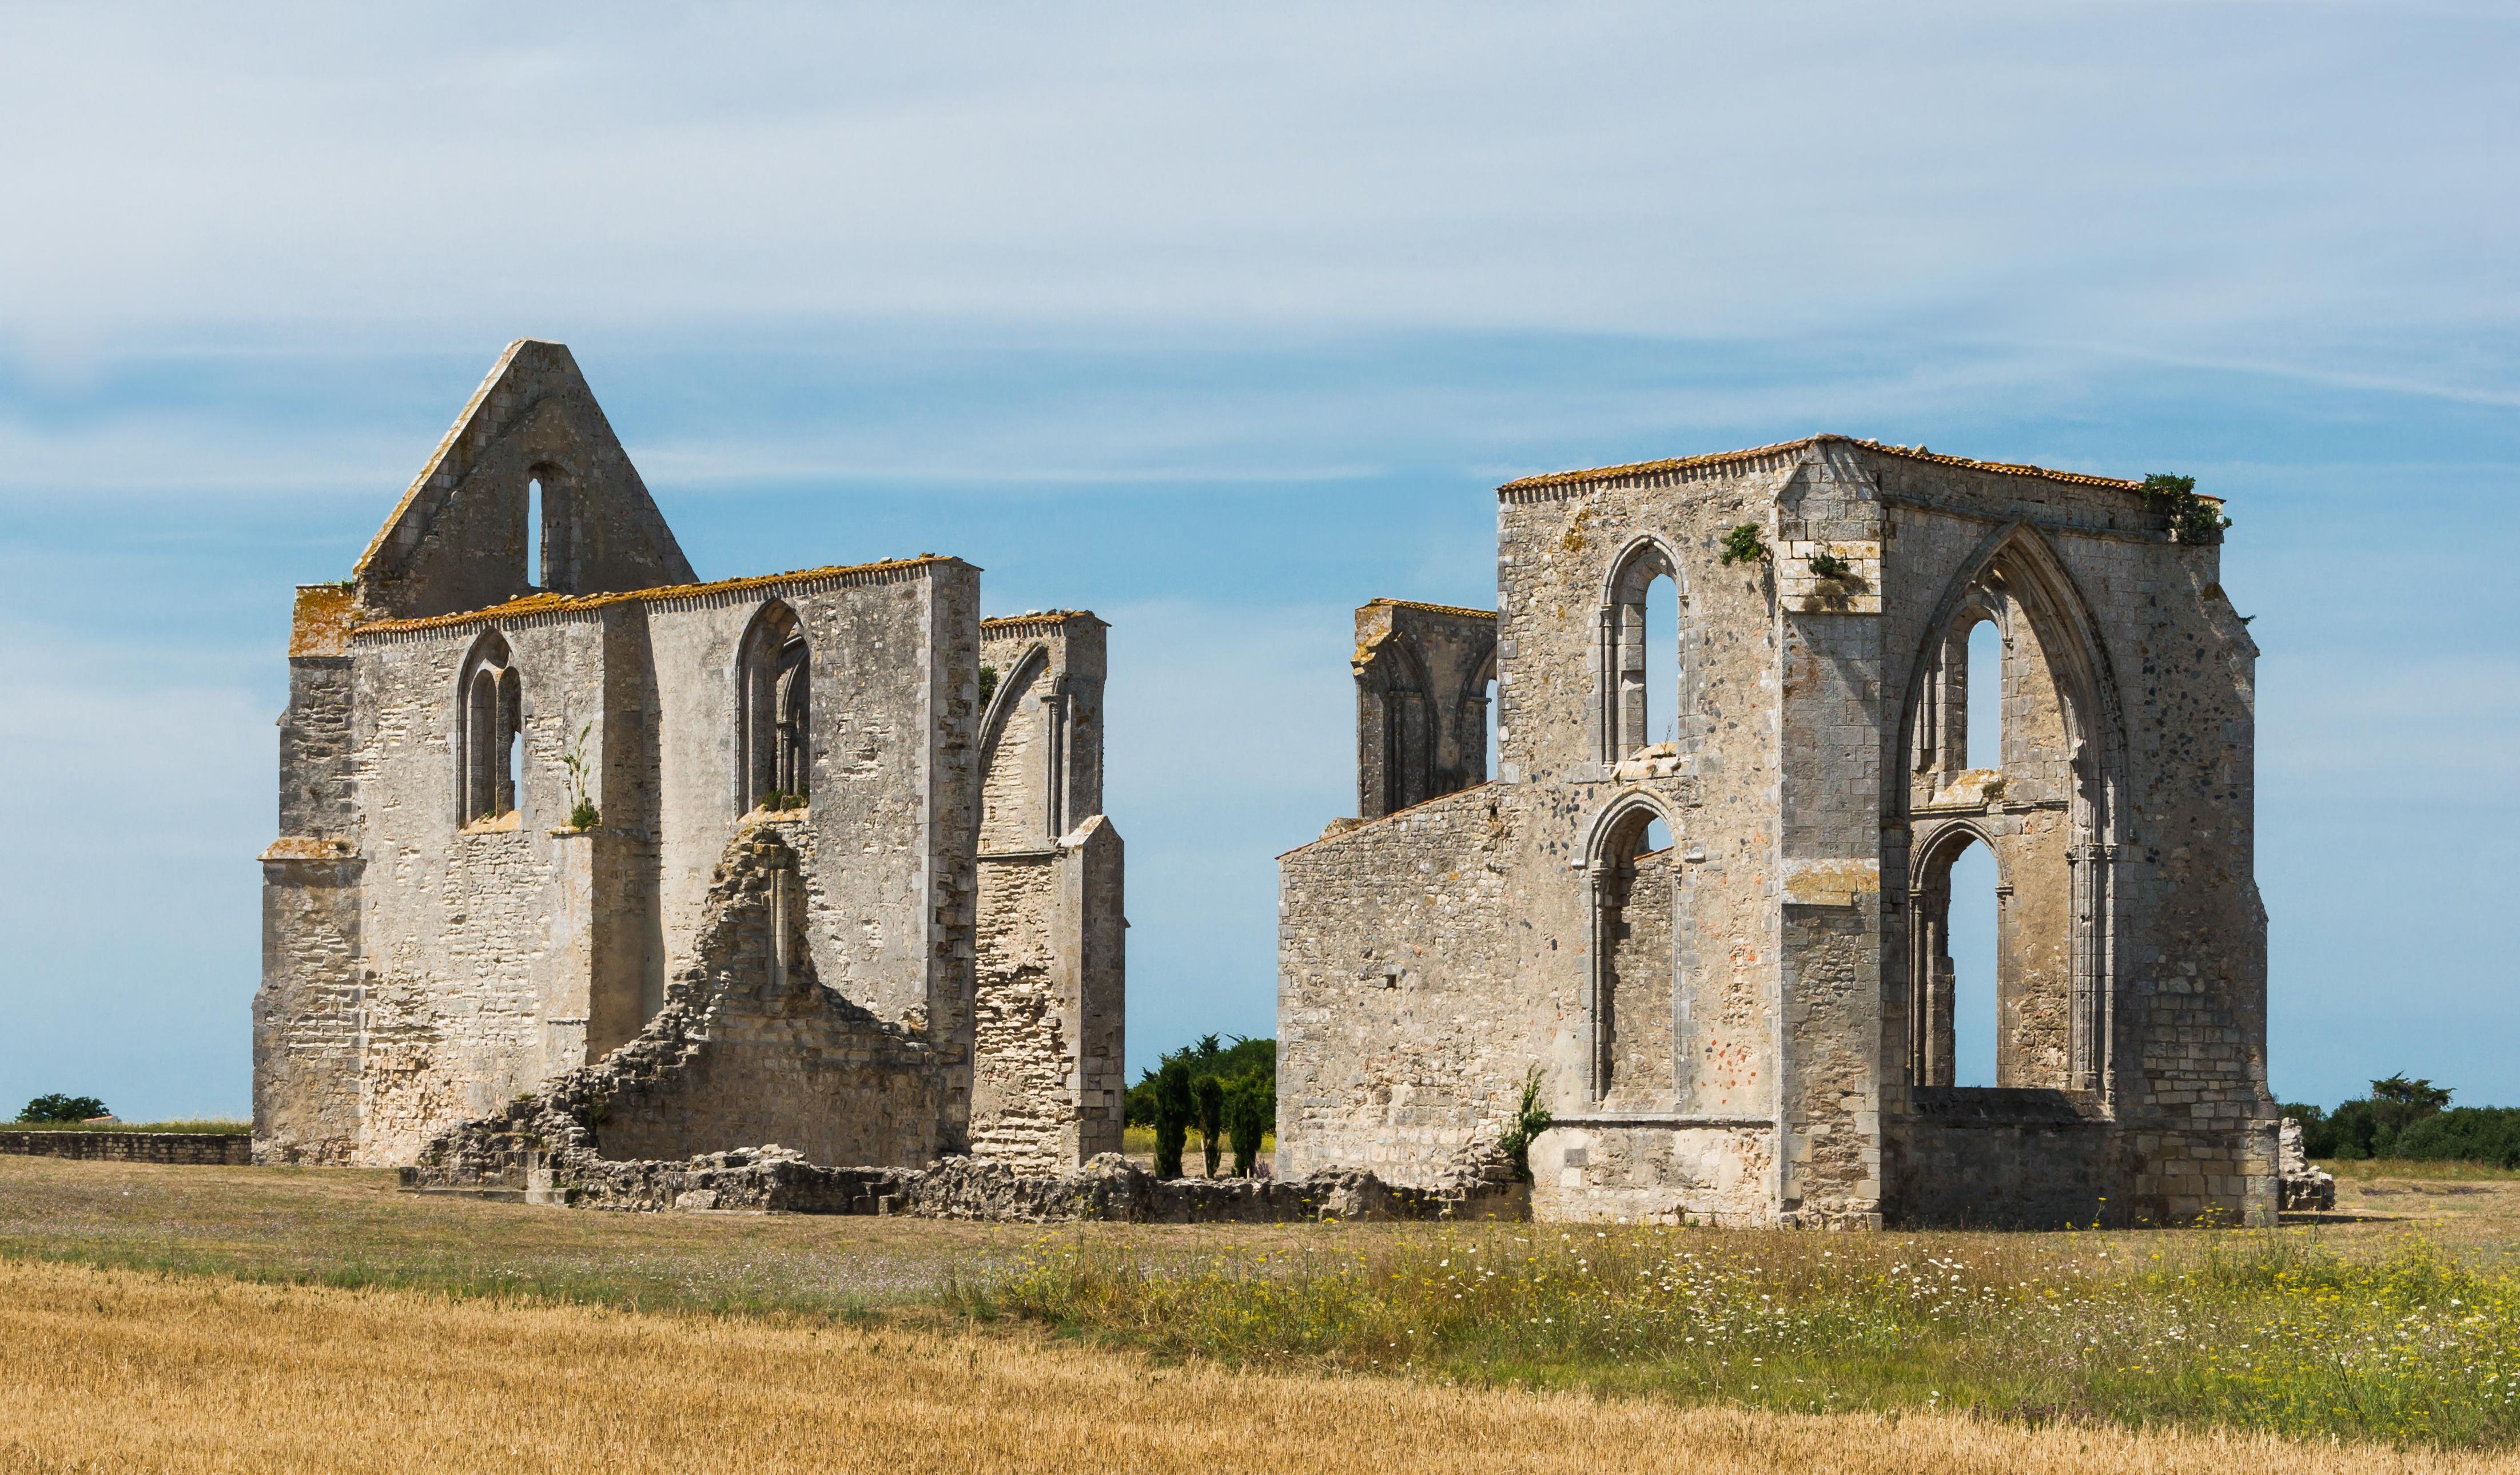 Abbaye Notre-Dame de Ré, Ré island, Charente-Maritime, France.jpg English: Abbey Notre-Dame de Ré, Ré island, Charente-Maritime, France Français : Abbaye